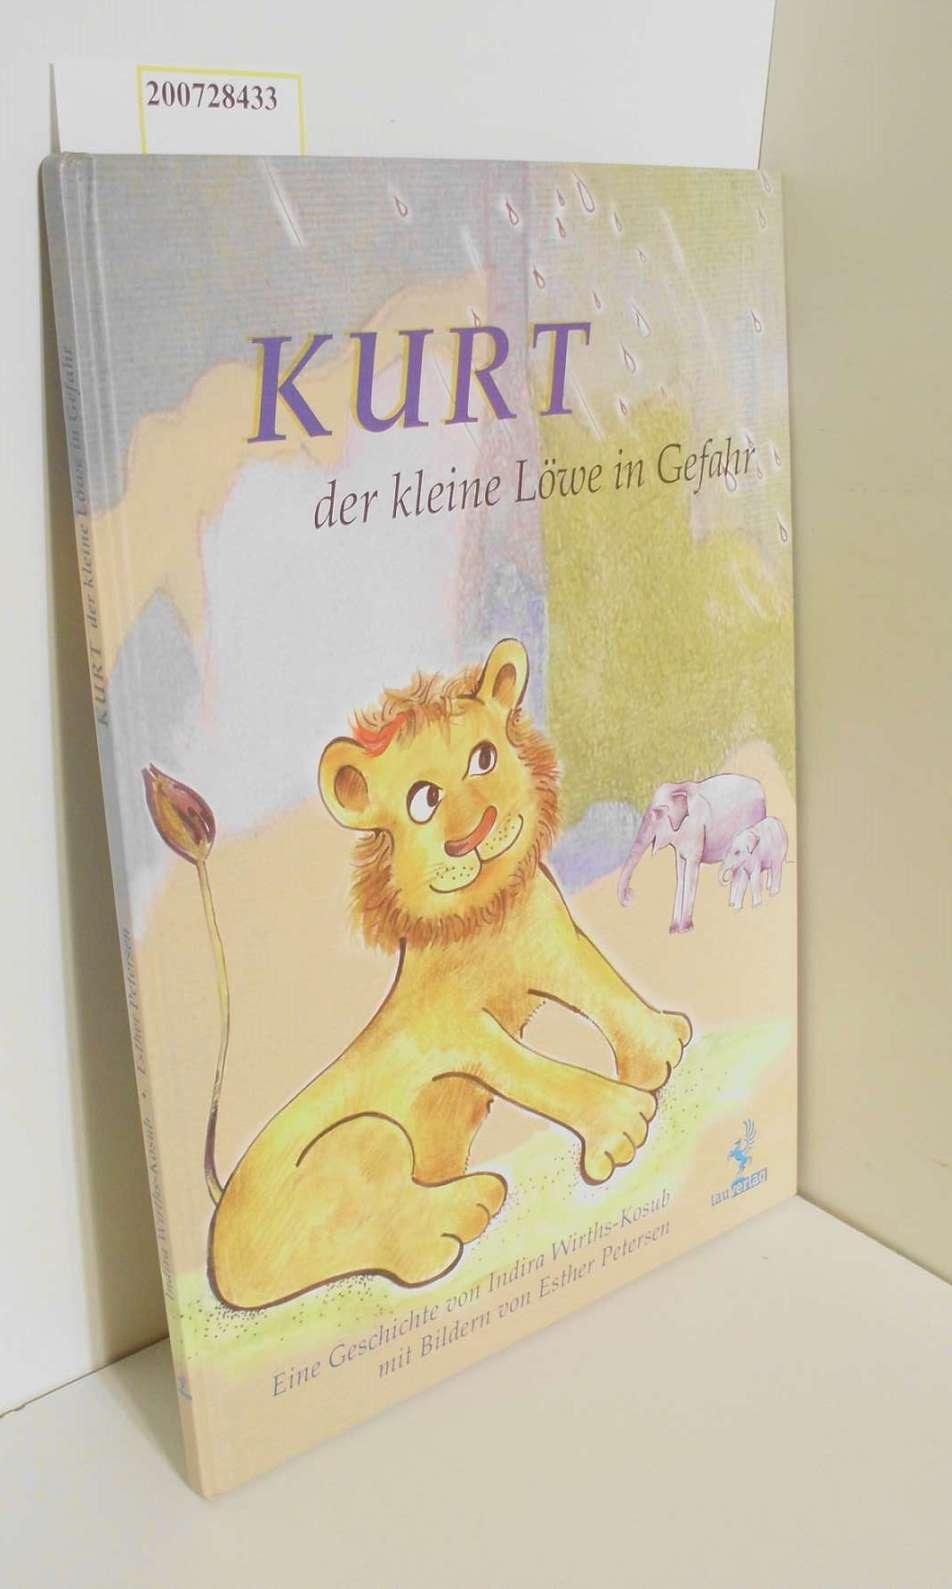 Kurt der kleine Löwe in Gefahr 1. Auflage